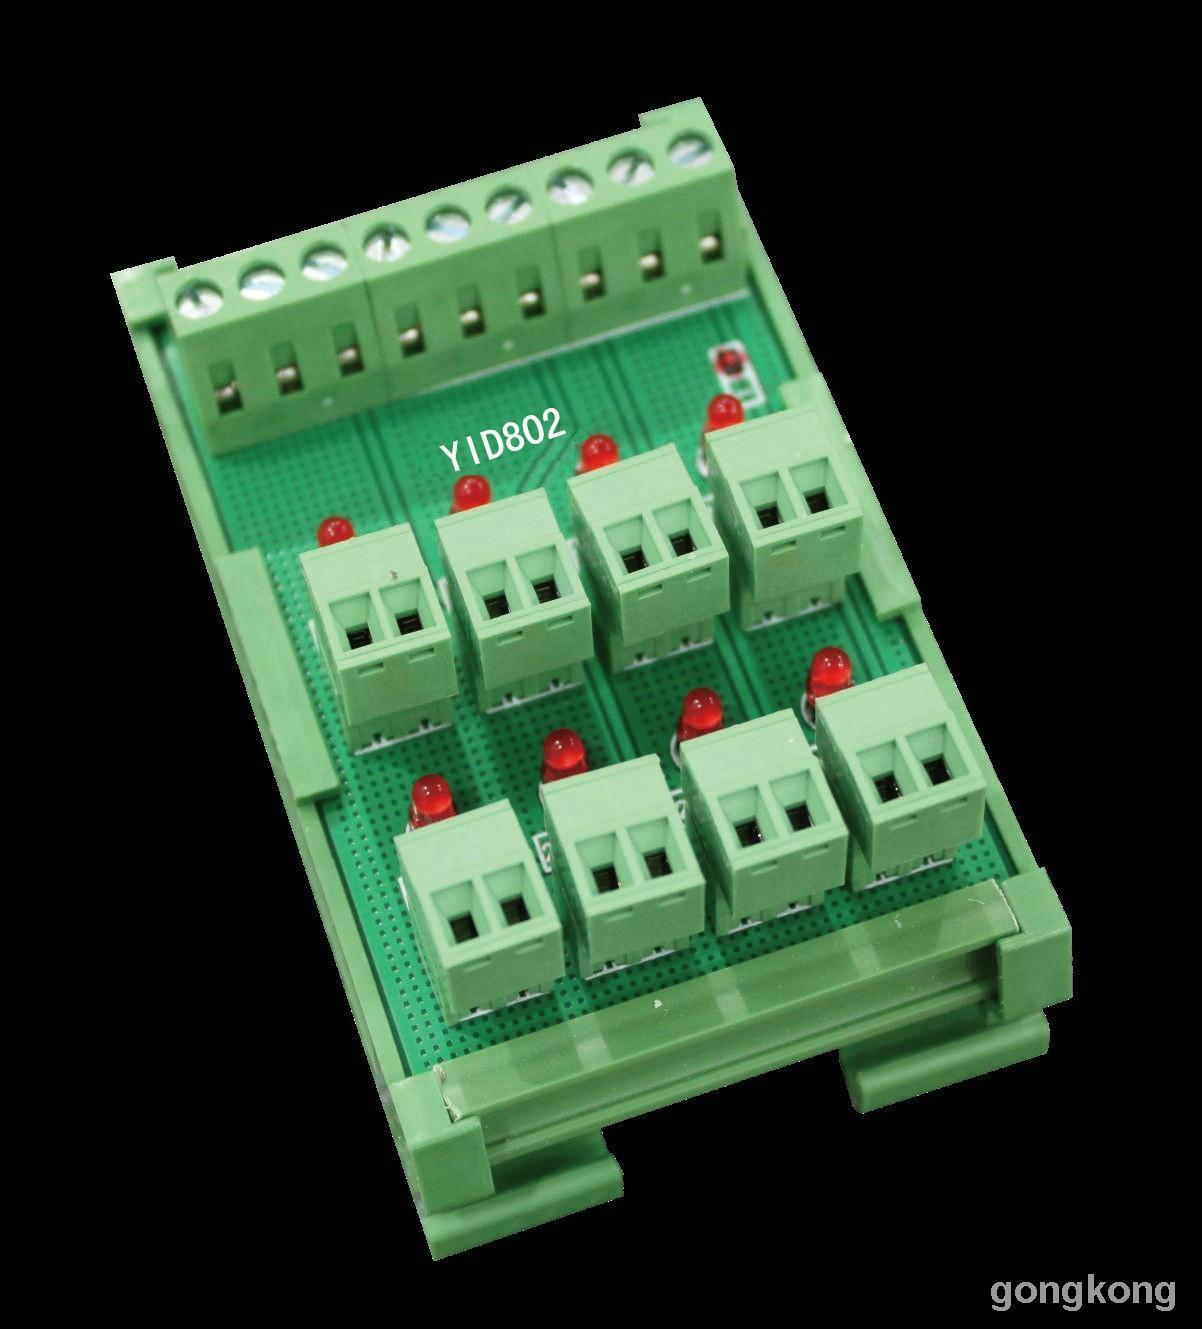 输入输出模组 继电器模组 模组块YIL802